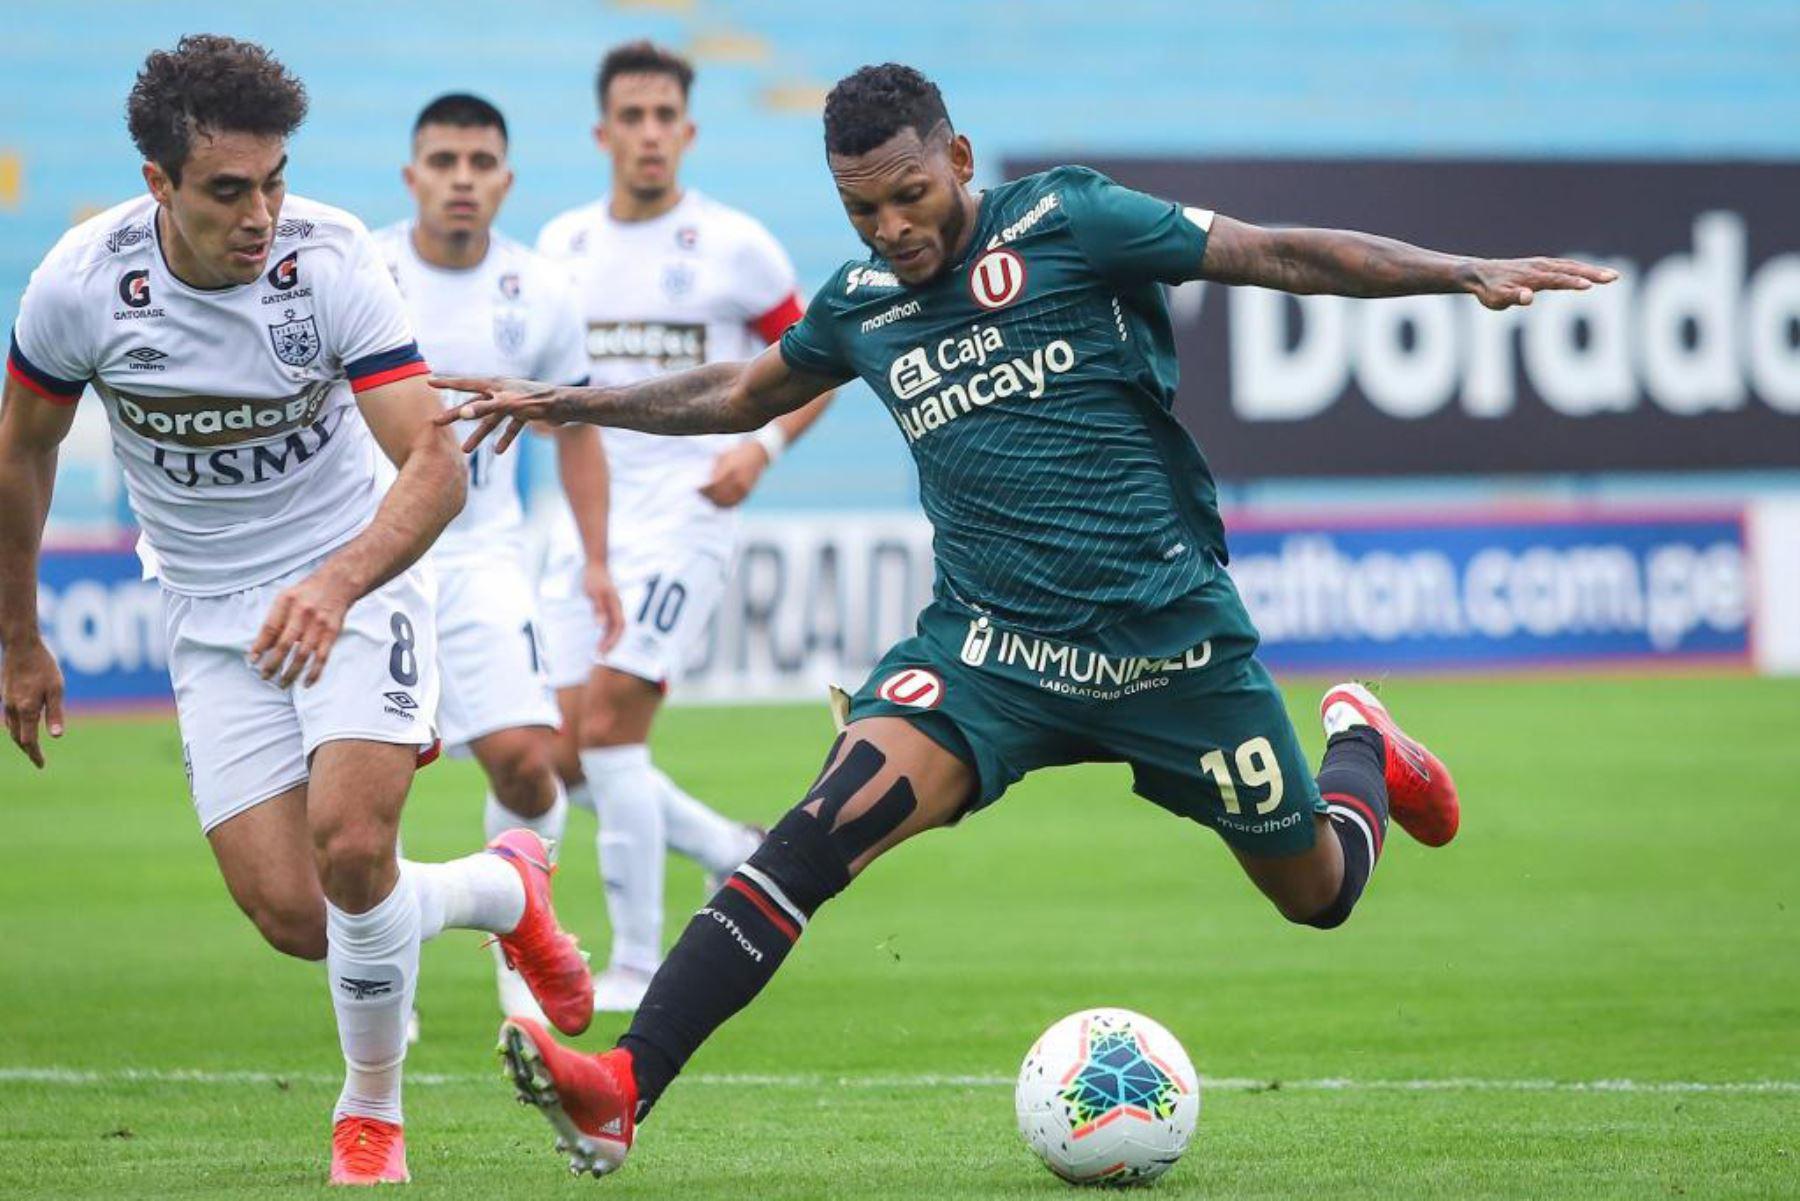 Universitario derrotó 2-0 a la Universidad San Martín en un encuentro por la Fase 2 de la Liga 1. Foto: Liga 1